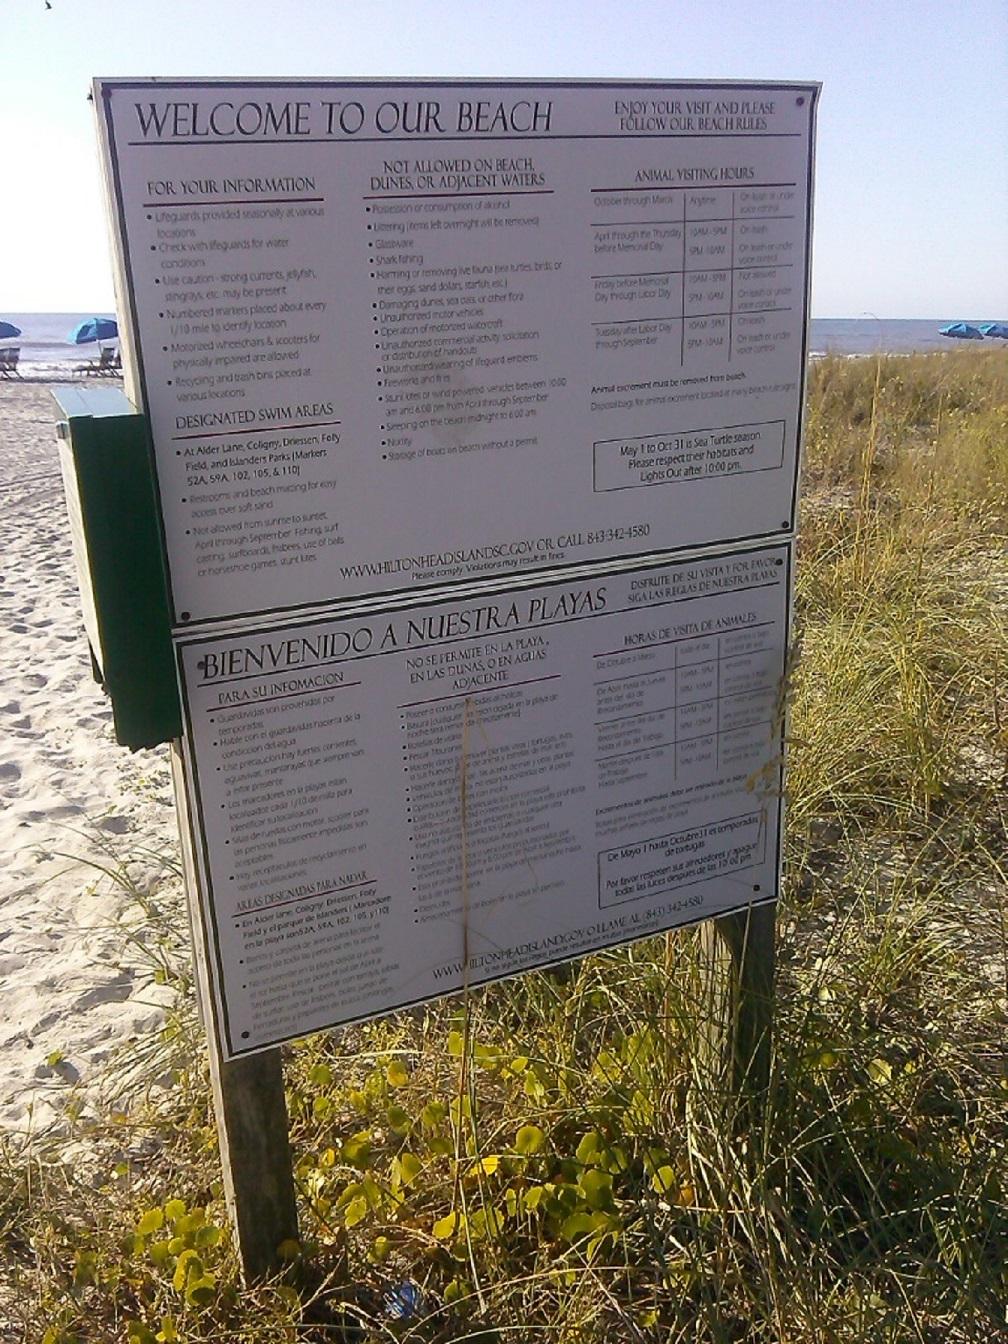 Die Regeln für den Strand auf Hilton Head, South Carolina